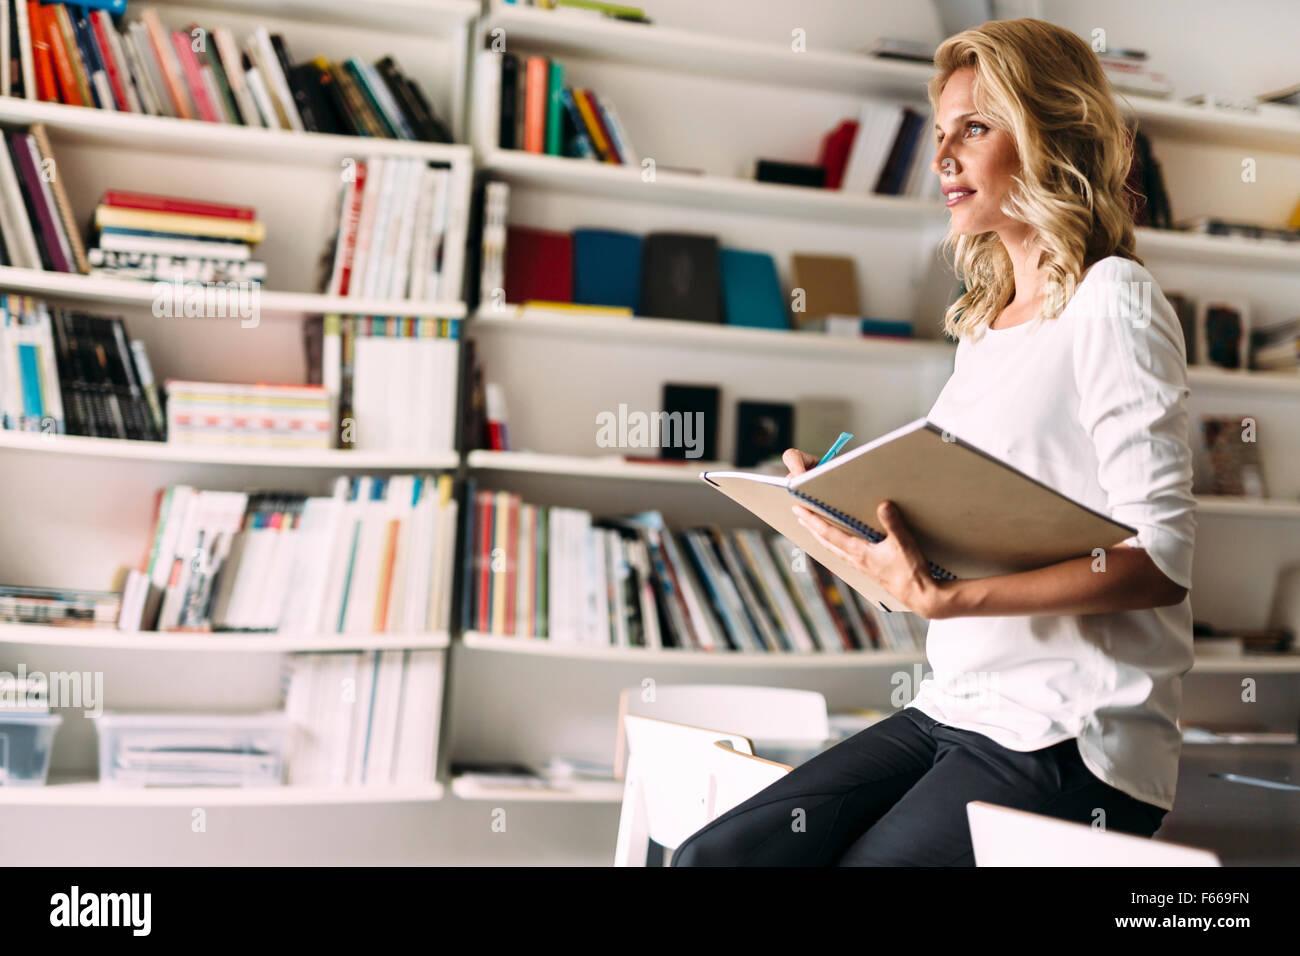 Magnifique blonde woman reading Photo Stock